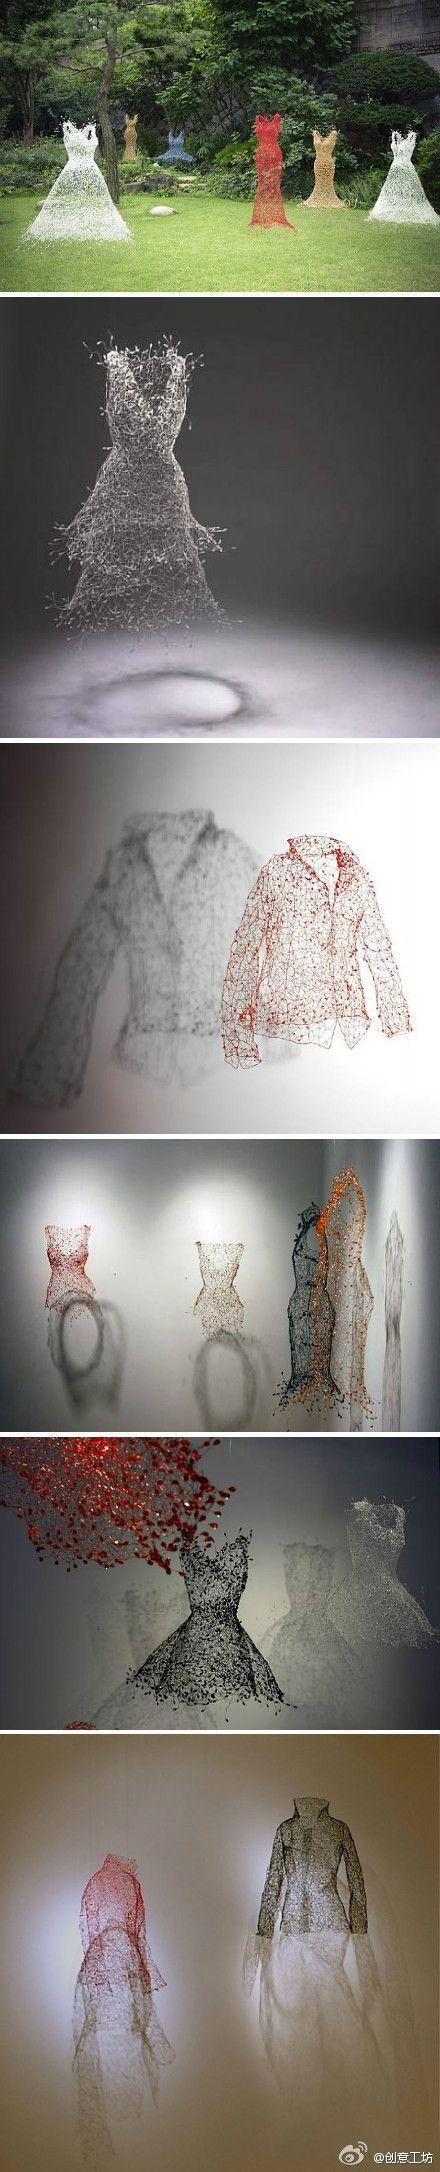 #Sculpture - El sueño de la utopía por Keysook Geum